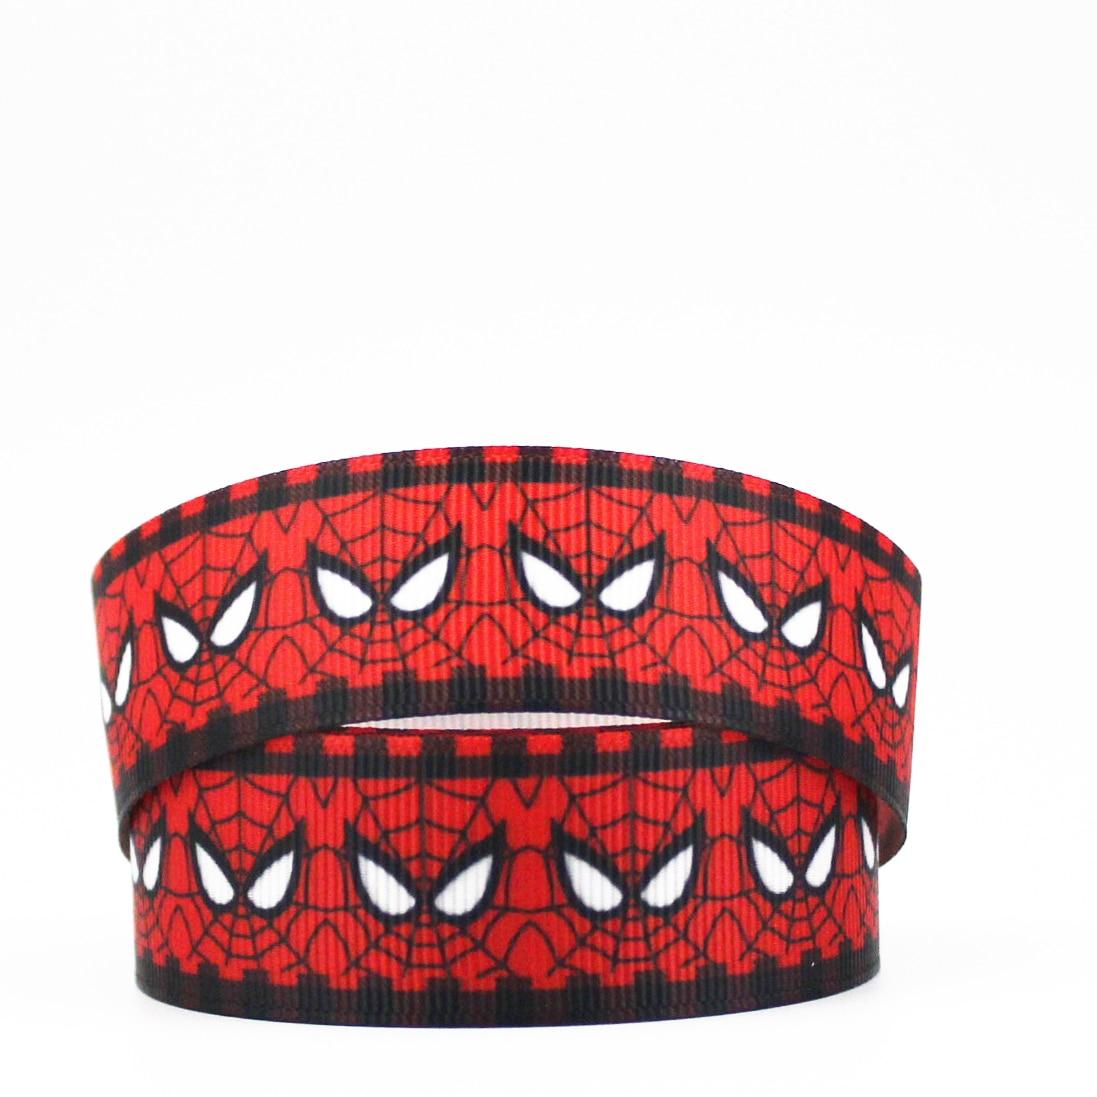 Fita de personagem vermelho gorgorão diy hairbow headwear impresso fita de gorgorão presente decoração fita 16mm22mm 25mm 38mm 57mm 75mm